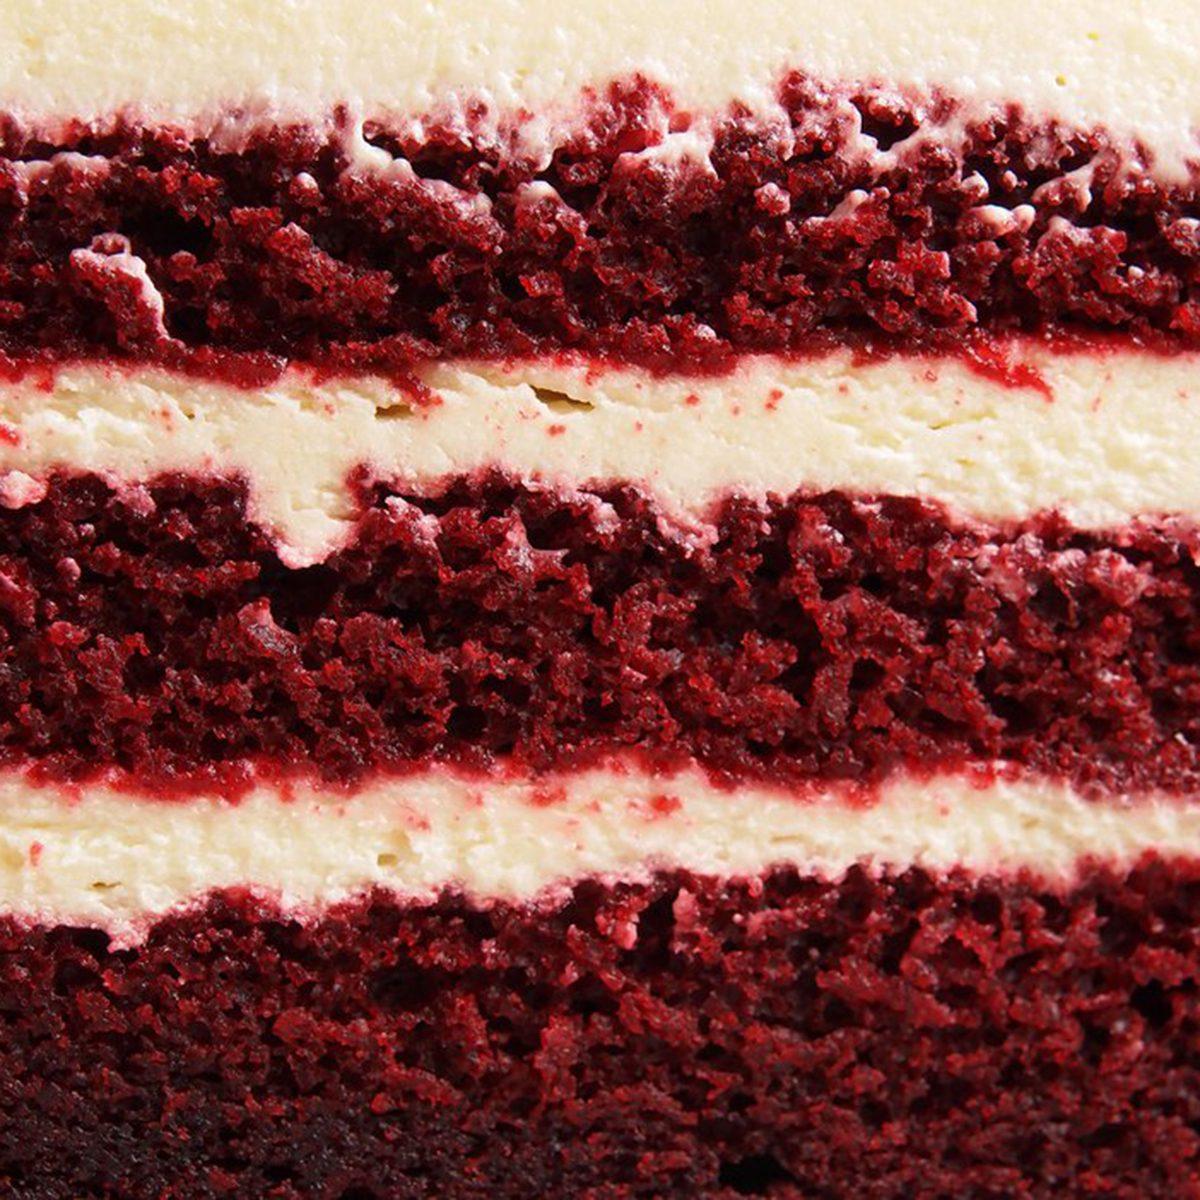 TGI Friday's Red Velvet Sparkler Cake